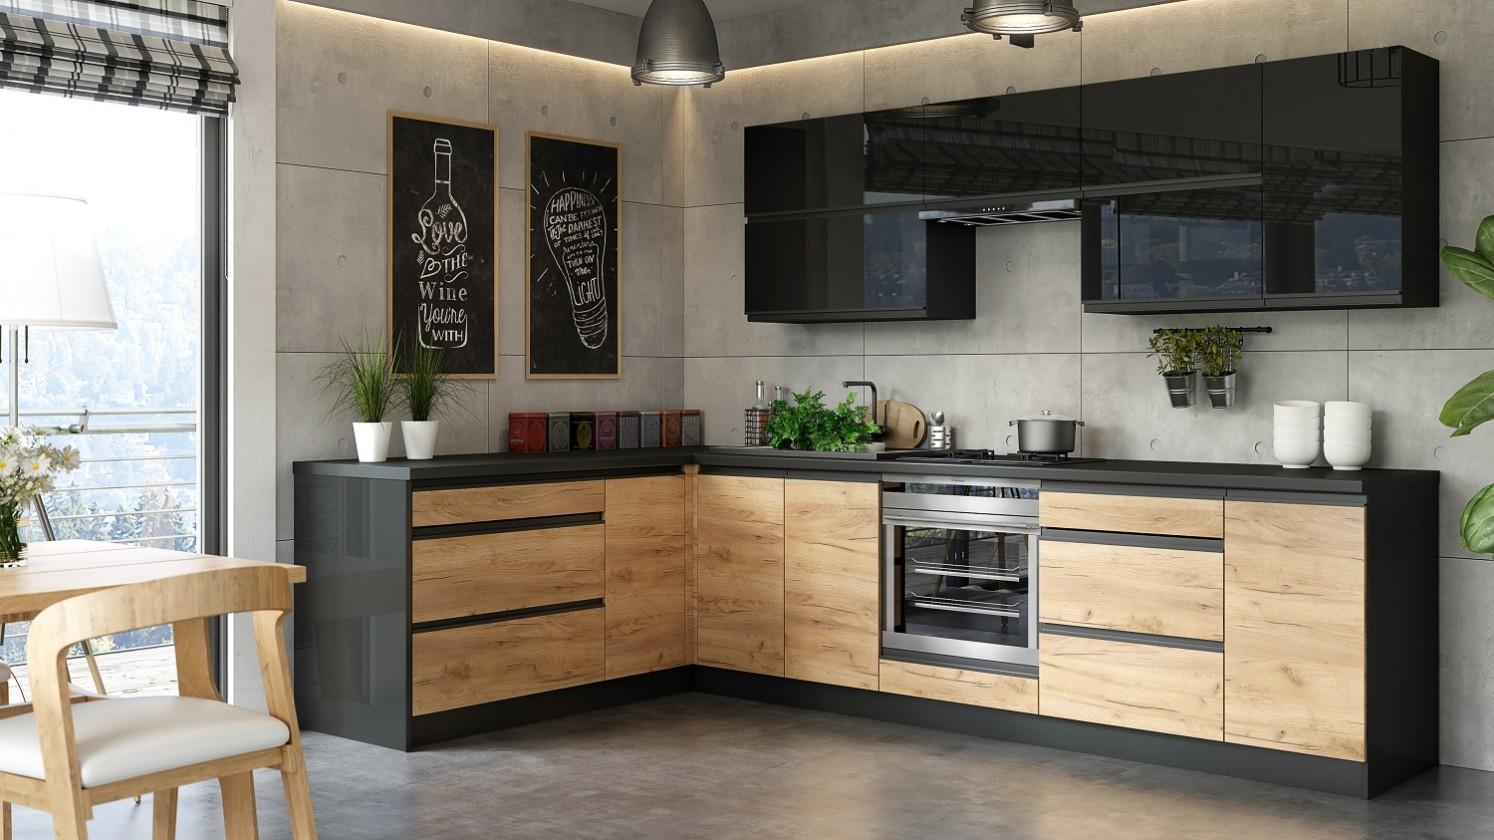 Rohové kuchyně Rohová kuchyně Brick levý roh 300x182 cm (černá lesk/craft)